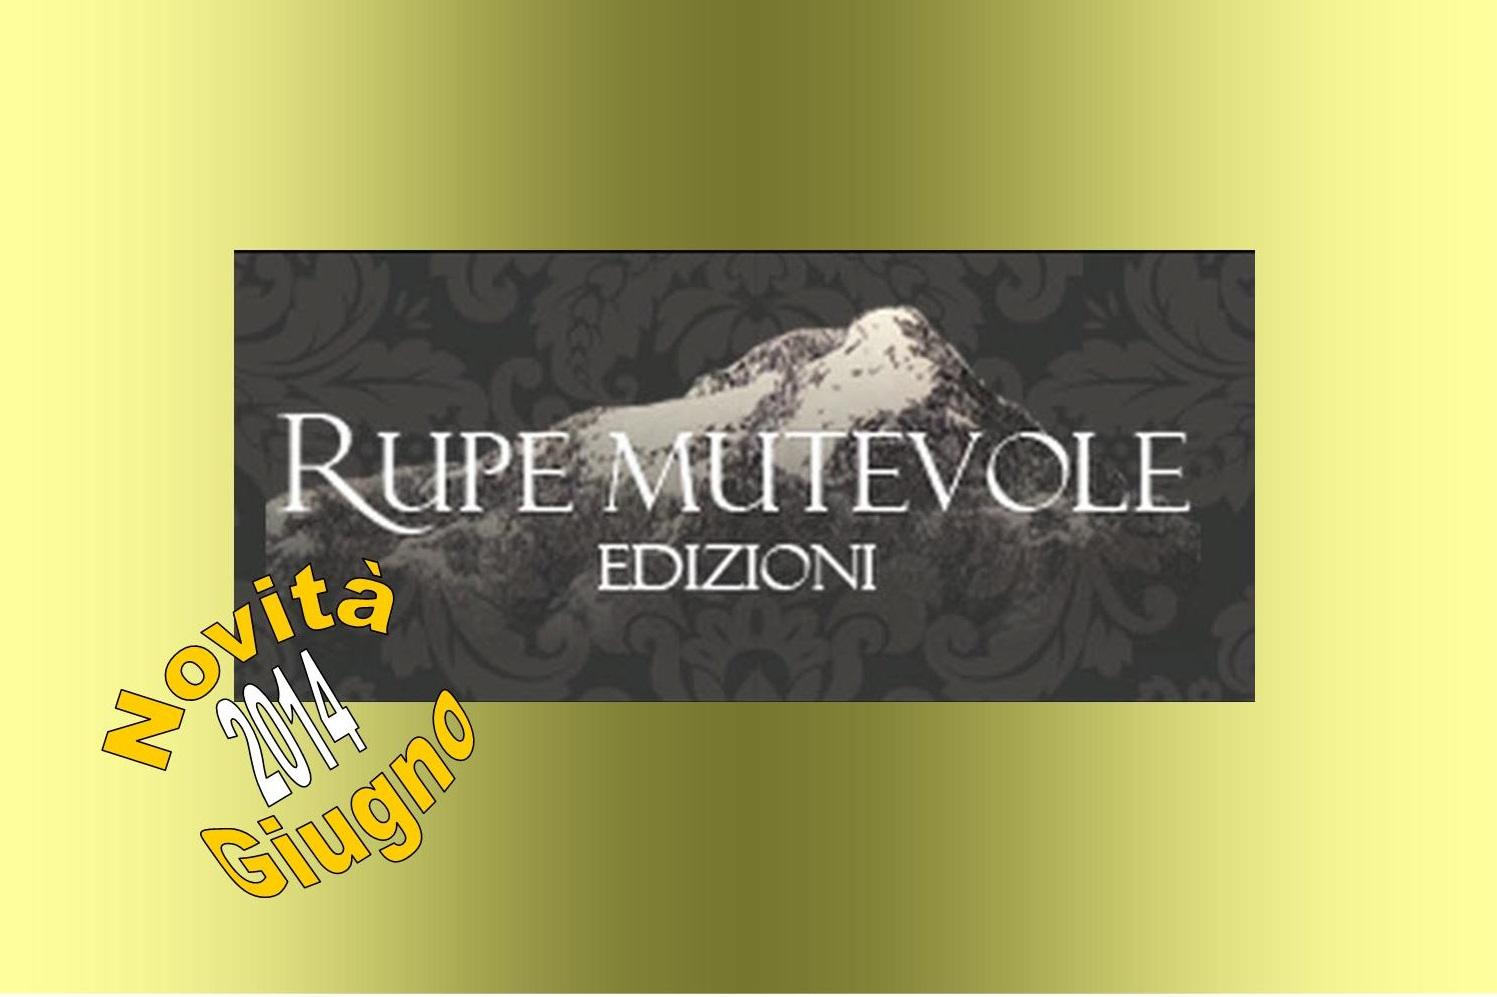 Le novità editoriali di giugno 2014 della casa editrice Rupe Mutevole Edizioni